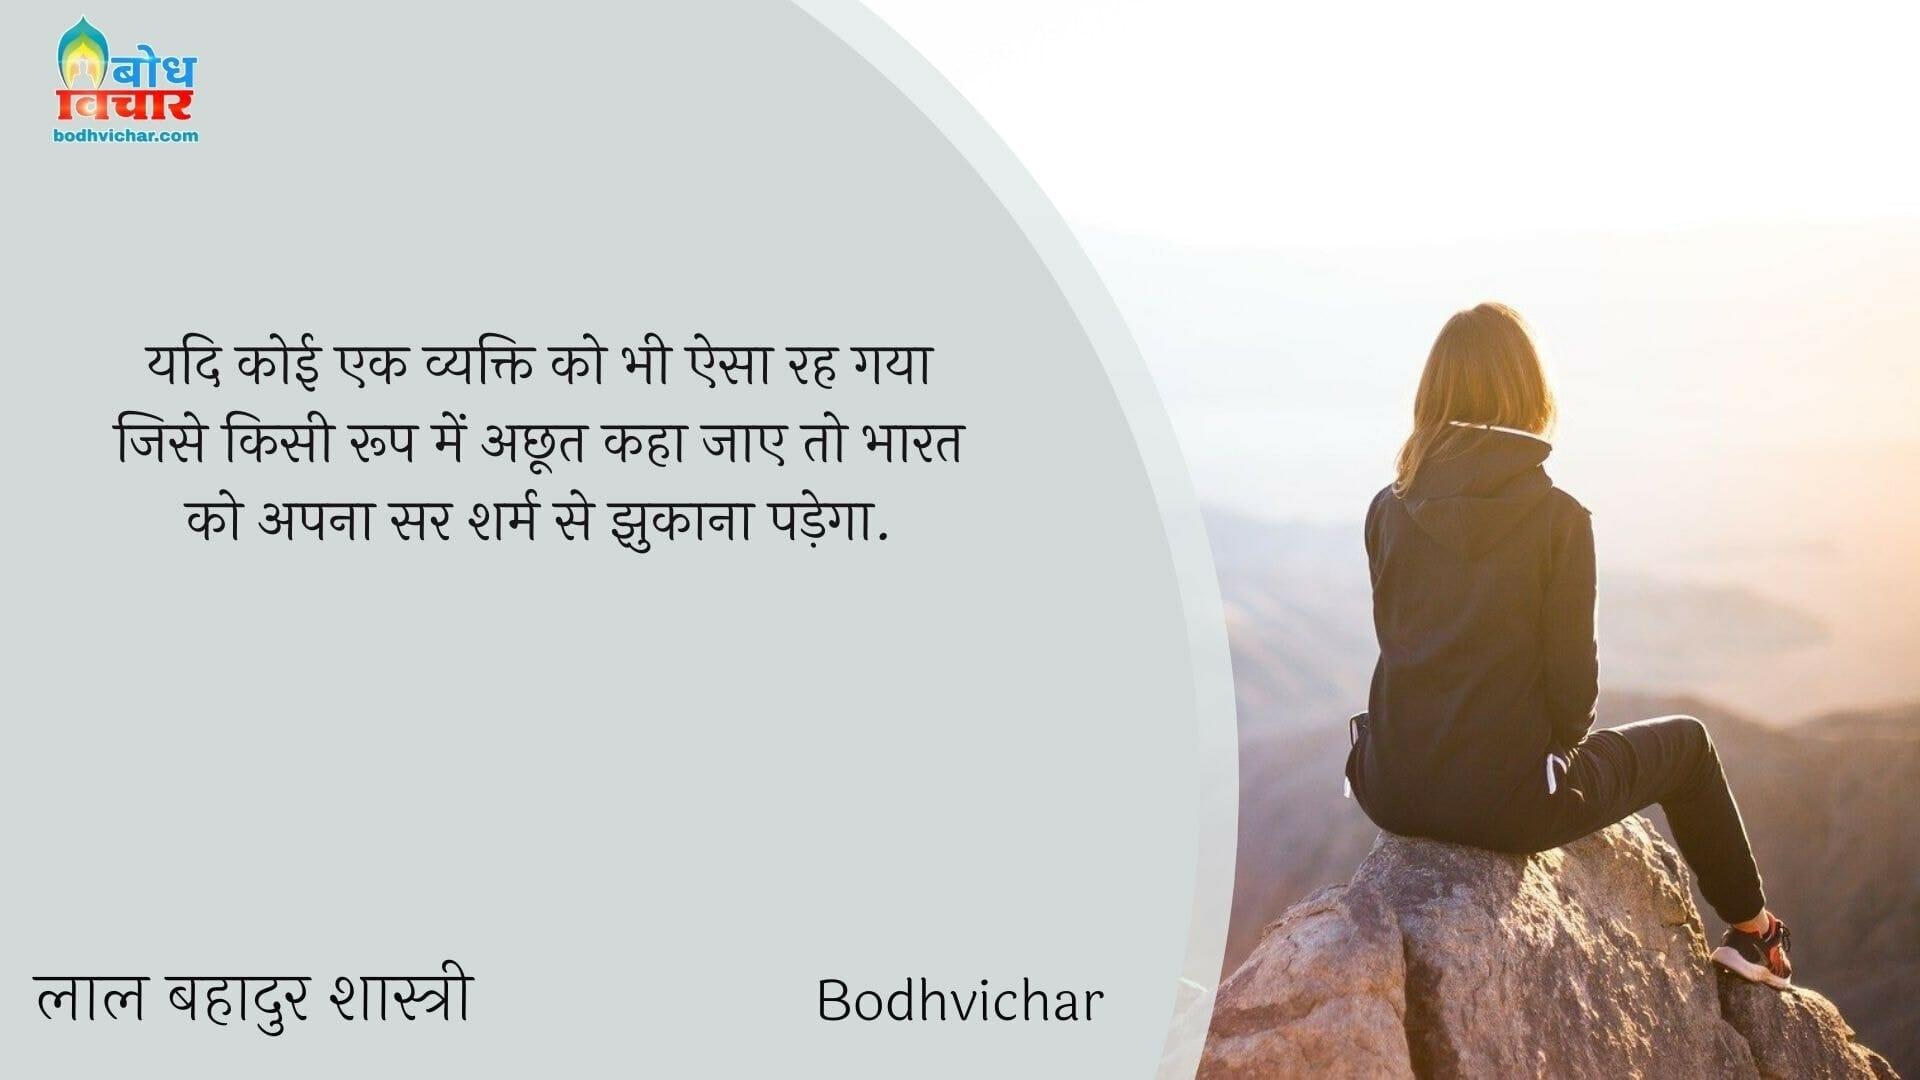 यदि कोई एक व्यक्ति को भी ऐसा रह गया जिसे किसी रूप में अछूत कहा जाए तो भारत को अपना सर शर्म से झुकाना पड़ेगा. : Yadi koi bhi vyakti esa rah gya ho jise kisi a kisi roop mein achhoot kaha jaay to bharat ko apna sarsharm se jhukana hoga - लाल बहादुर शास्त्री